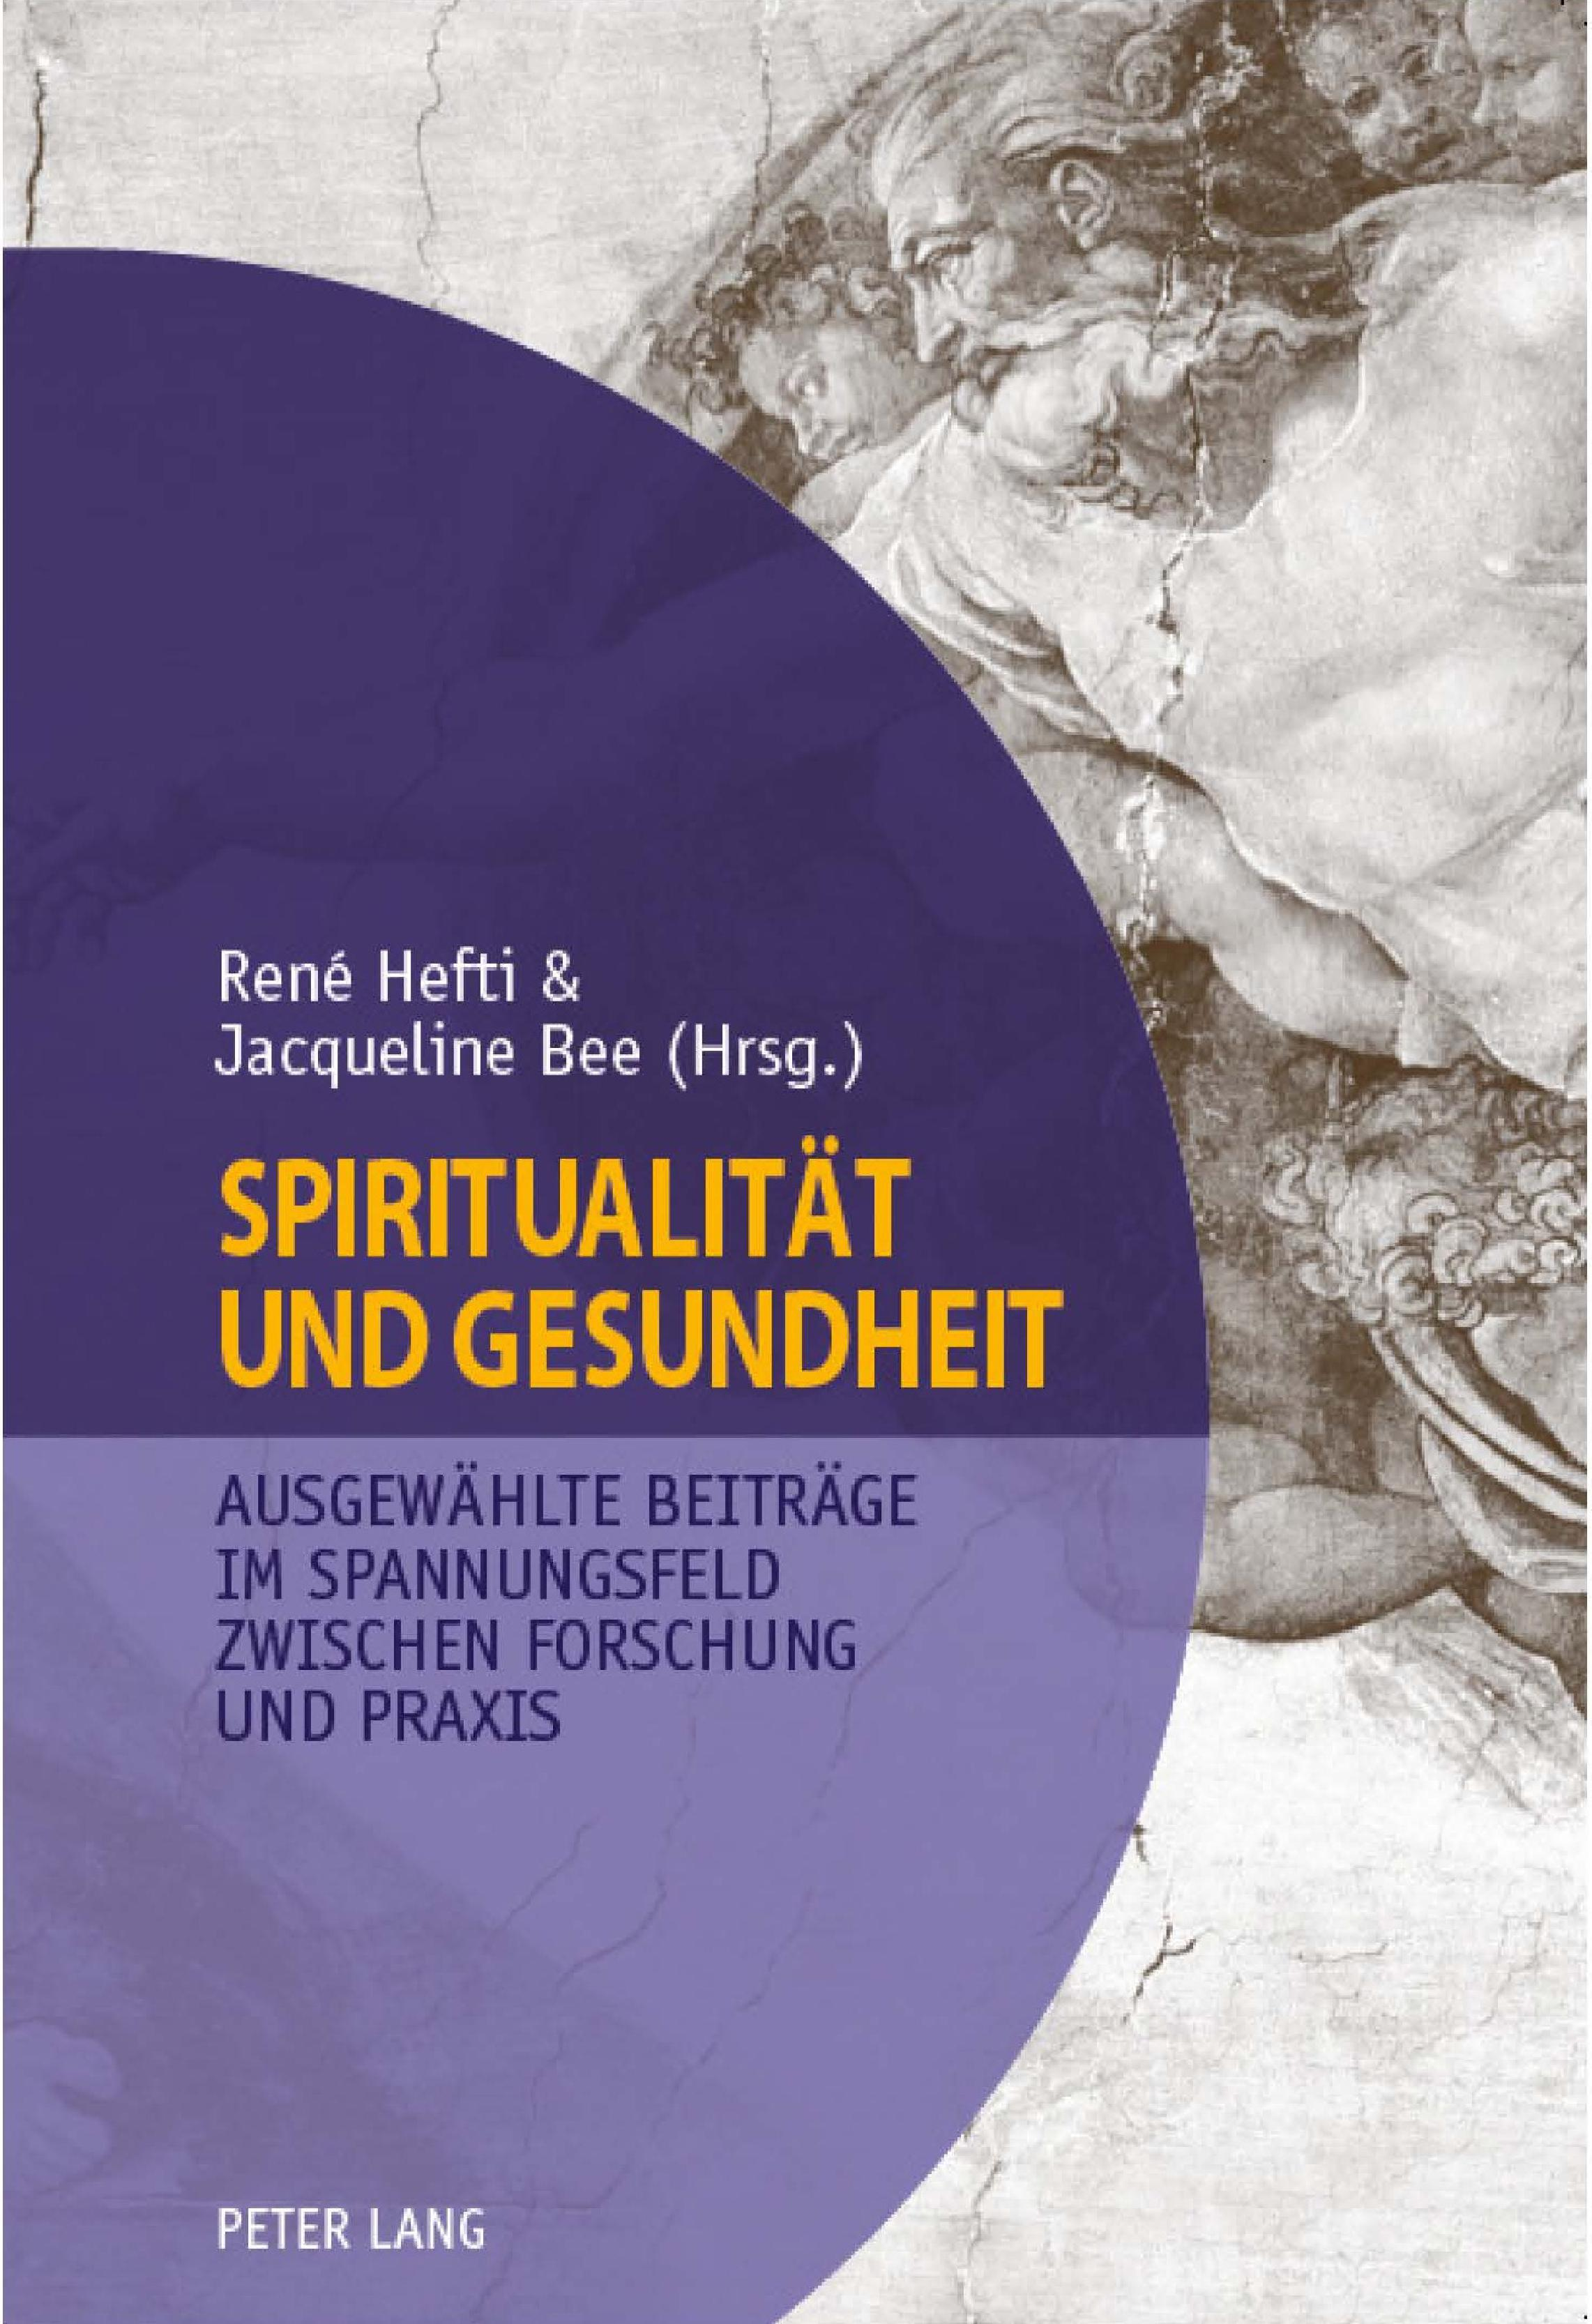 Cover Spiritualität und Gesundheit.jpg